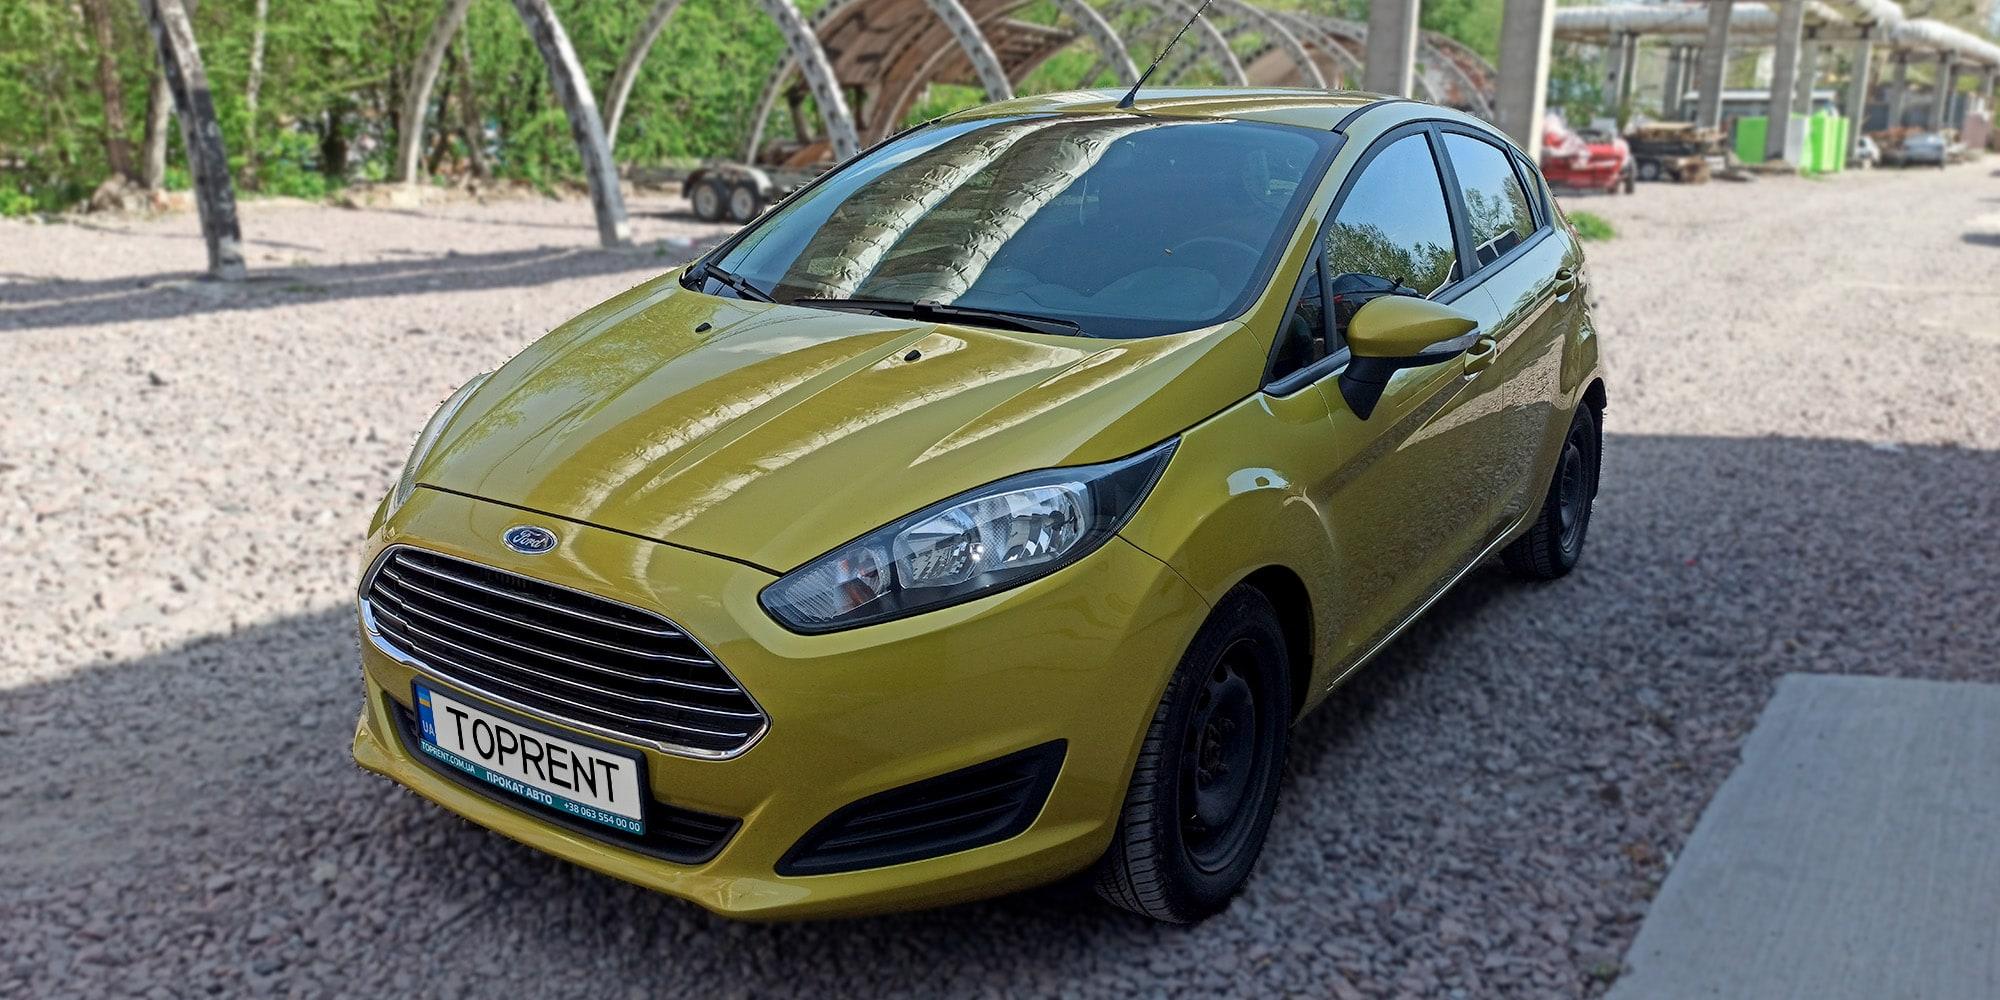 Прокат и аренда авто Ford Fiesta 2014 - фото 2 | TOPrent.ua